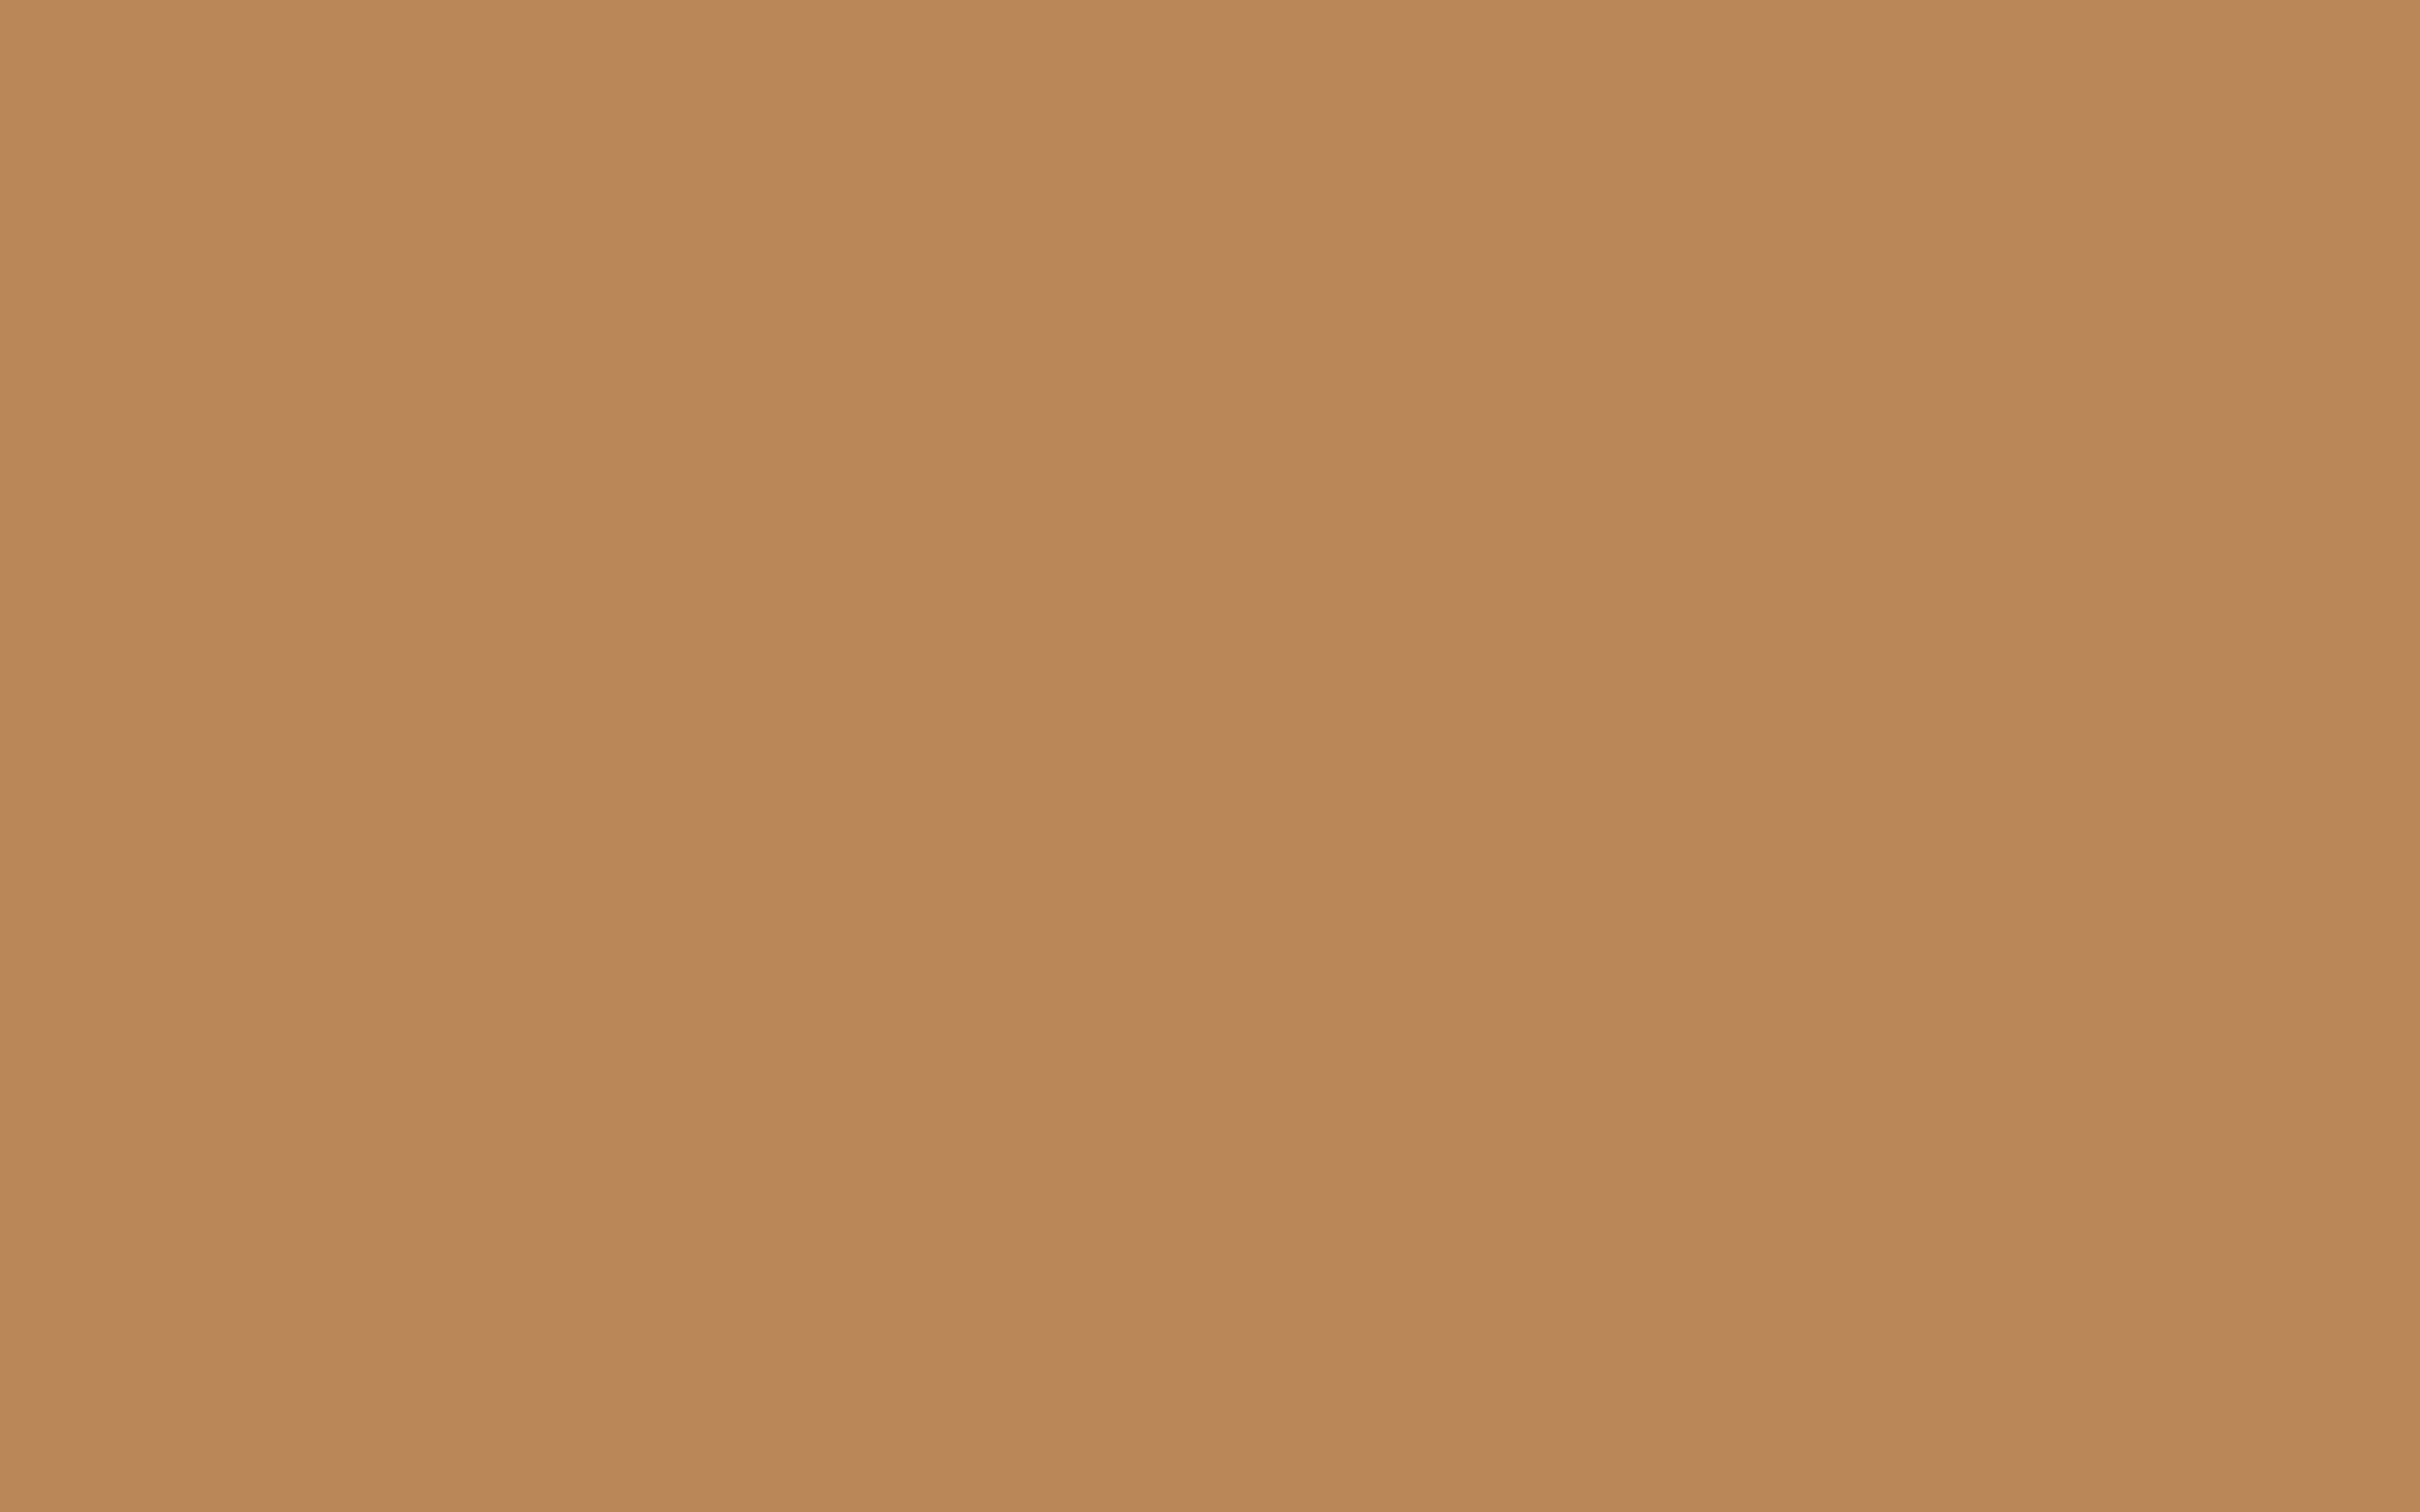 2560x1600 Deer Solid Color Background